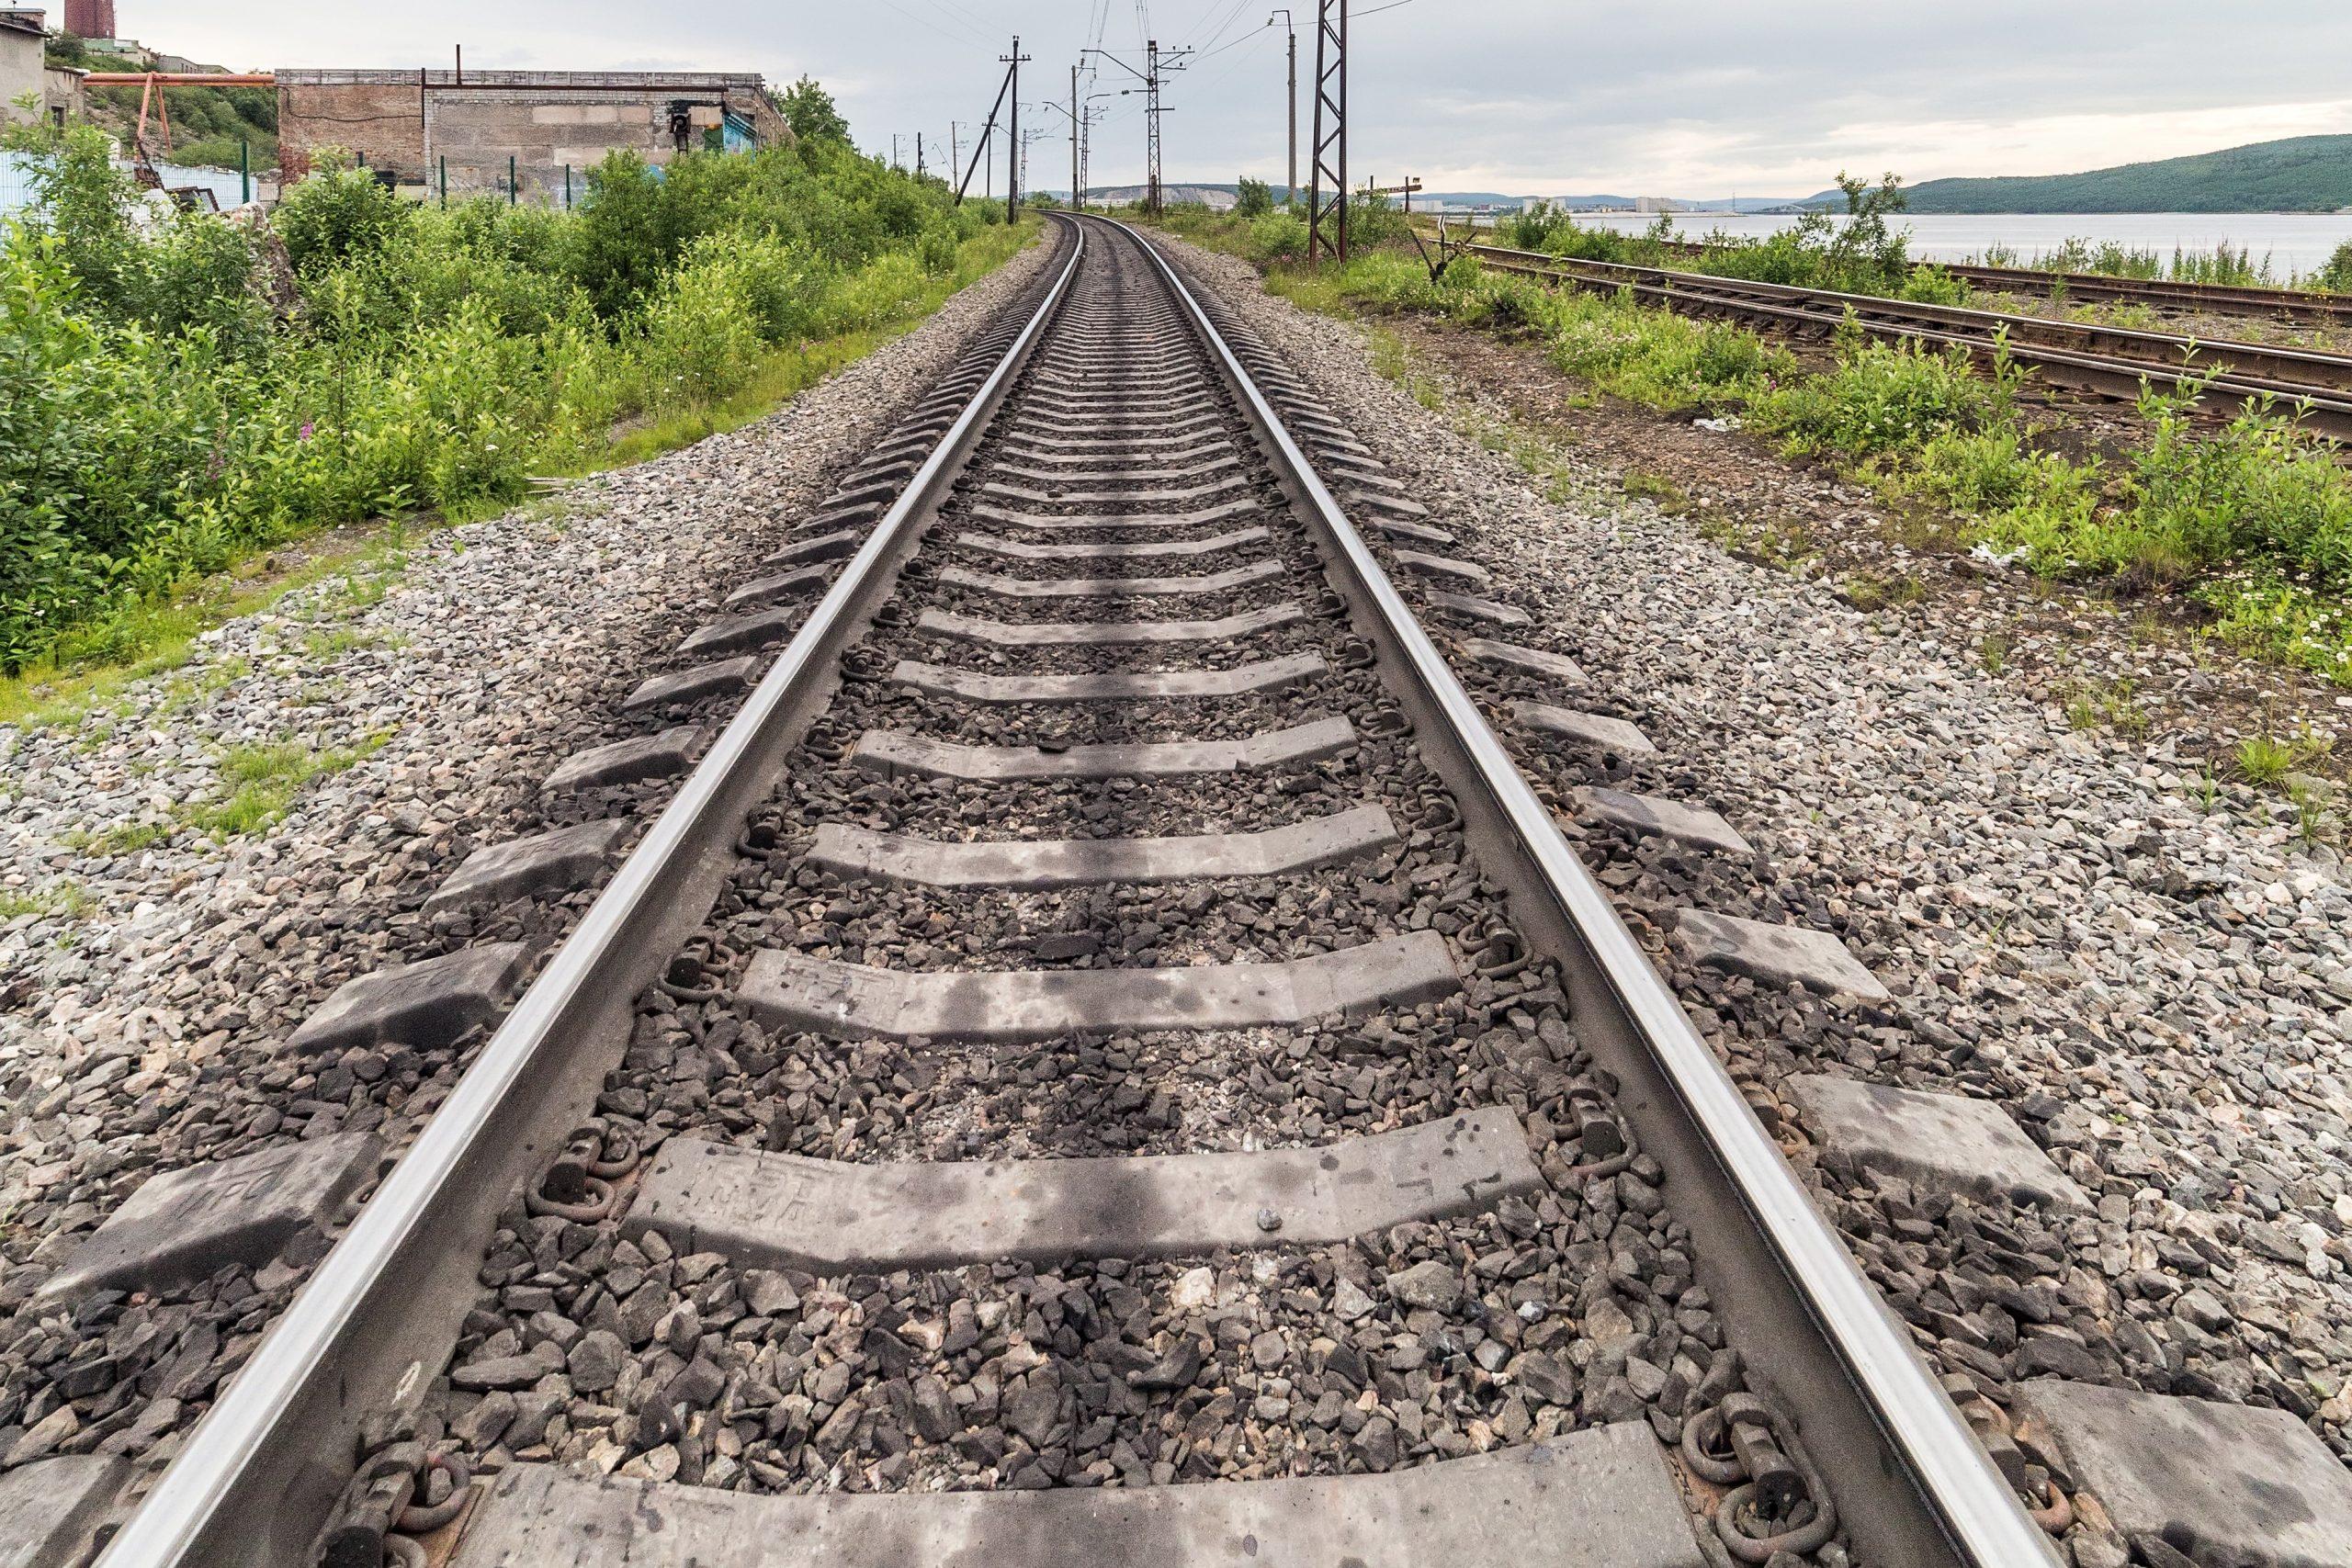 railway JZCMVGD scaled #новости «Грузинская железная дорога», Грузия, поезд, Тбилиси-Зугдиди